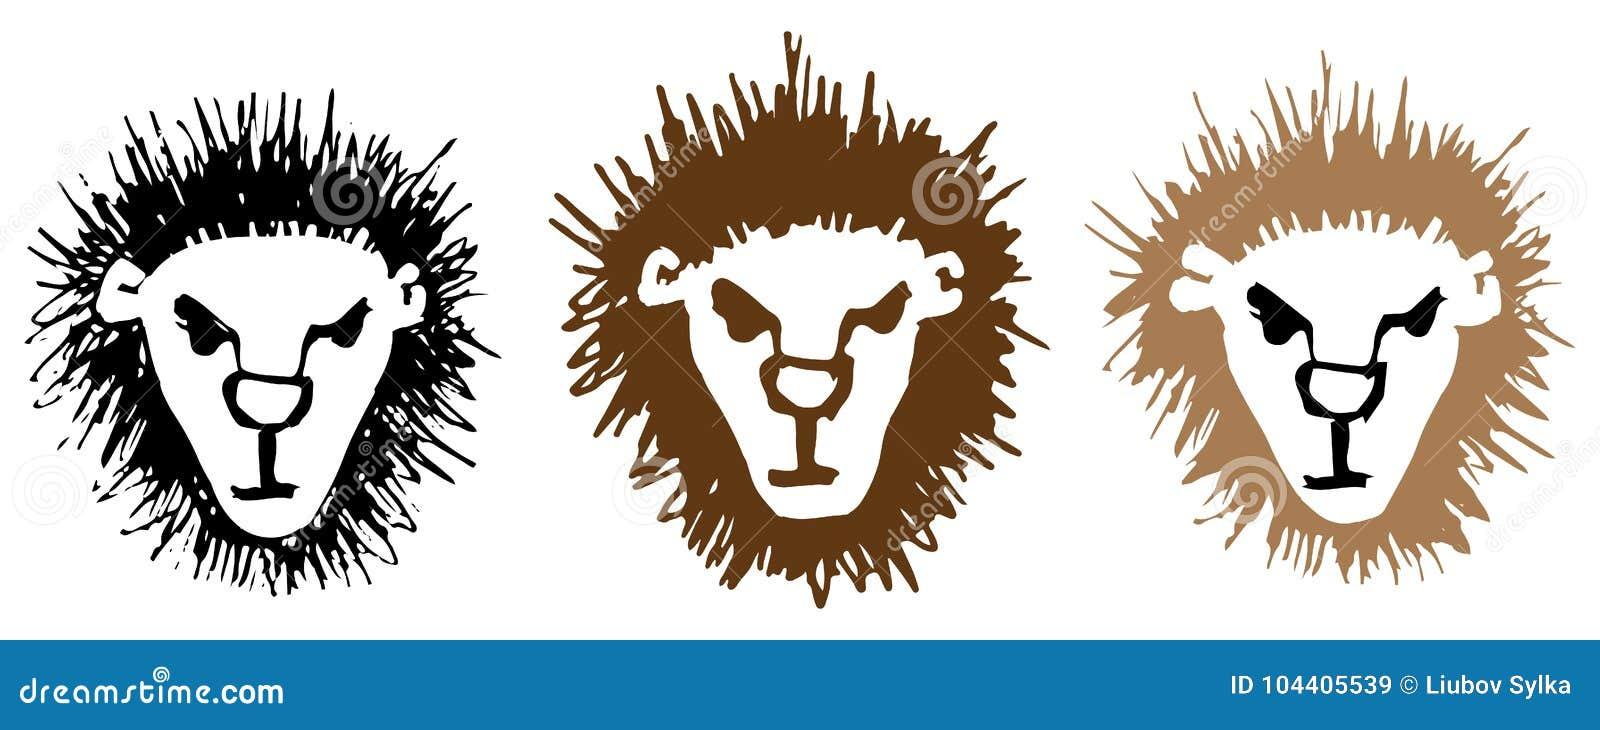 Esquissez La Tête De Profil Du S De Lion De Dessin De Main